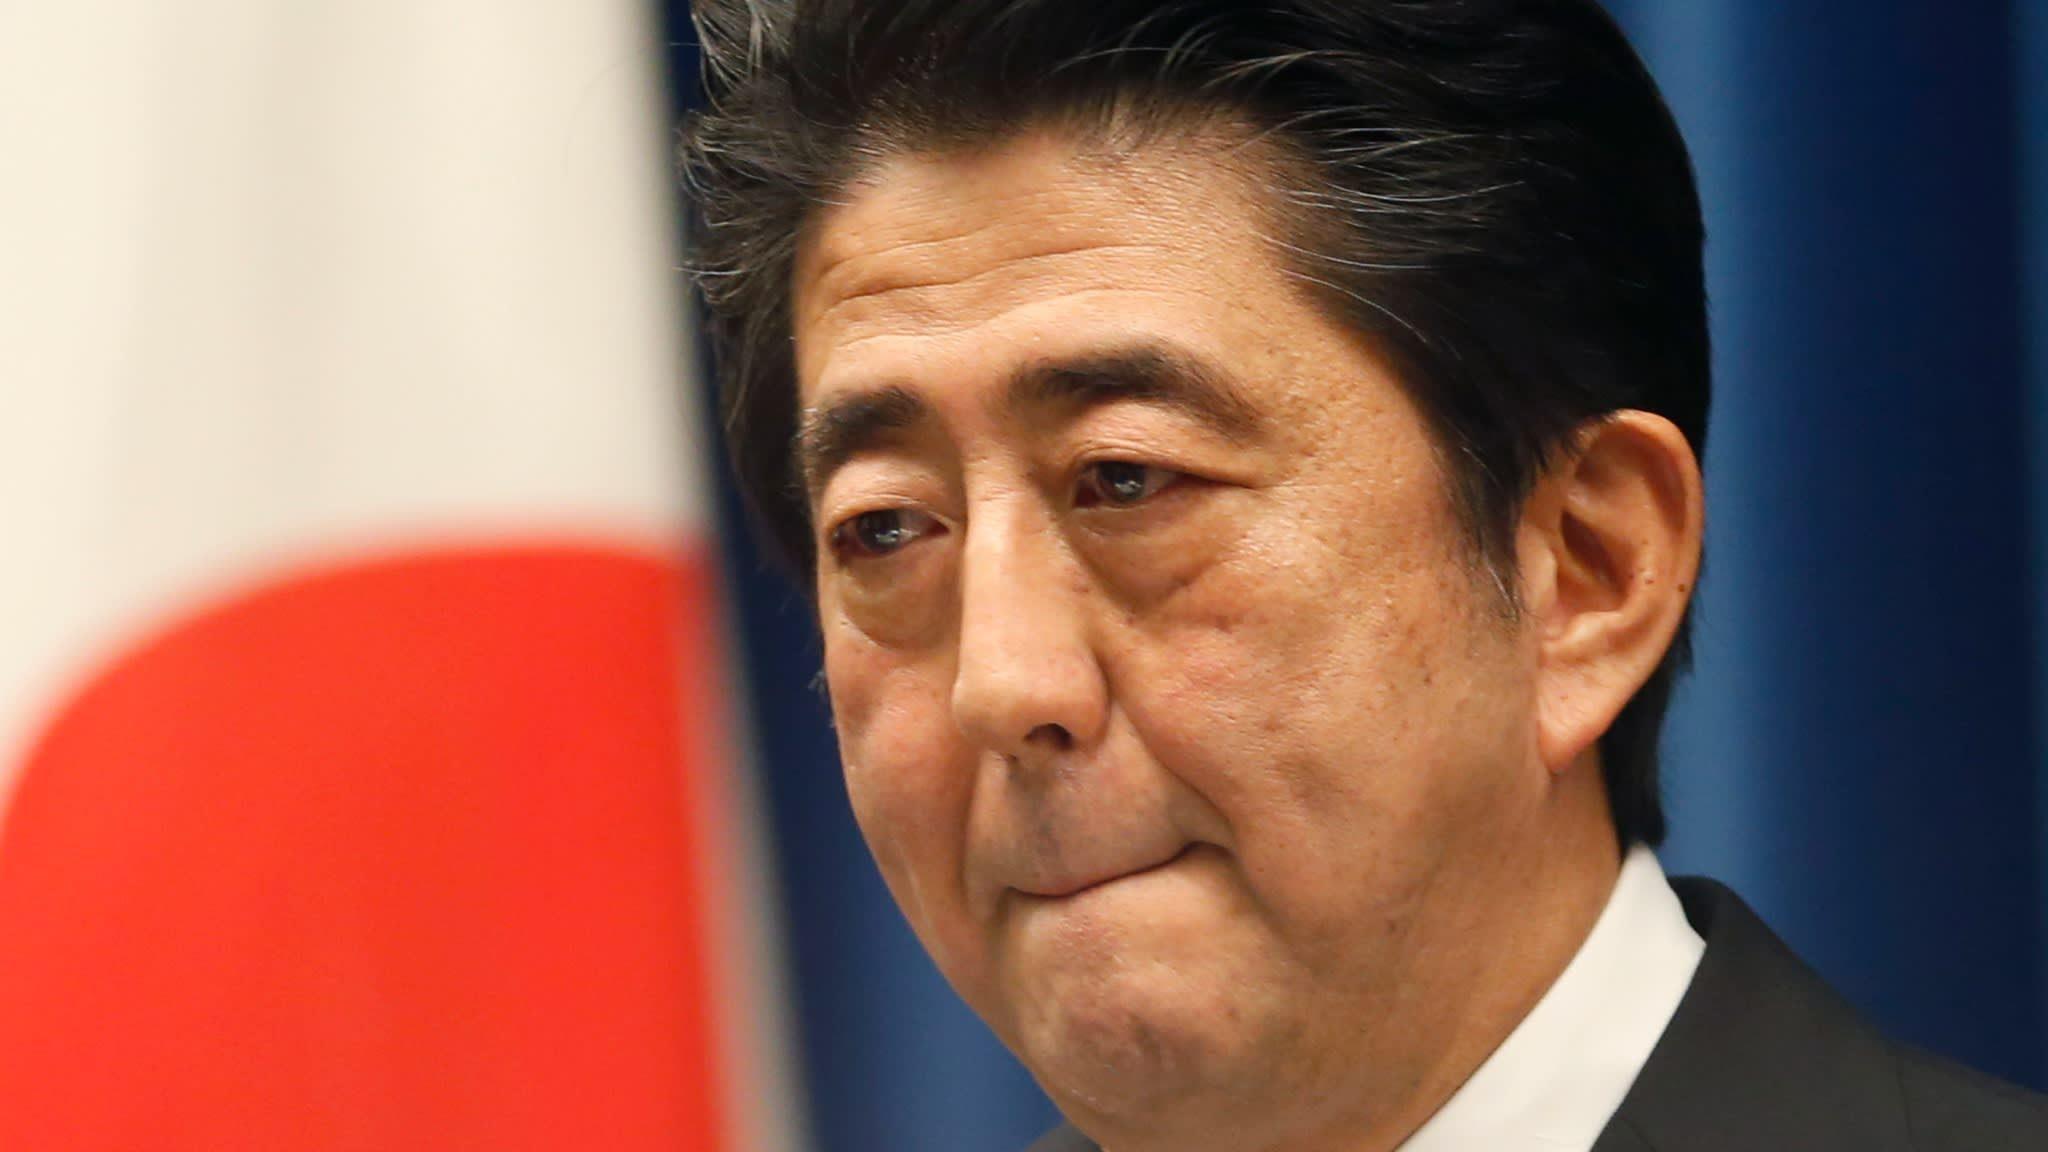 ญี่ปุ่น ประกาศปรับขึ้น ภาษีมูลค่าเพิ่มเป็น  10% 1 ต.ค.นี้